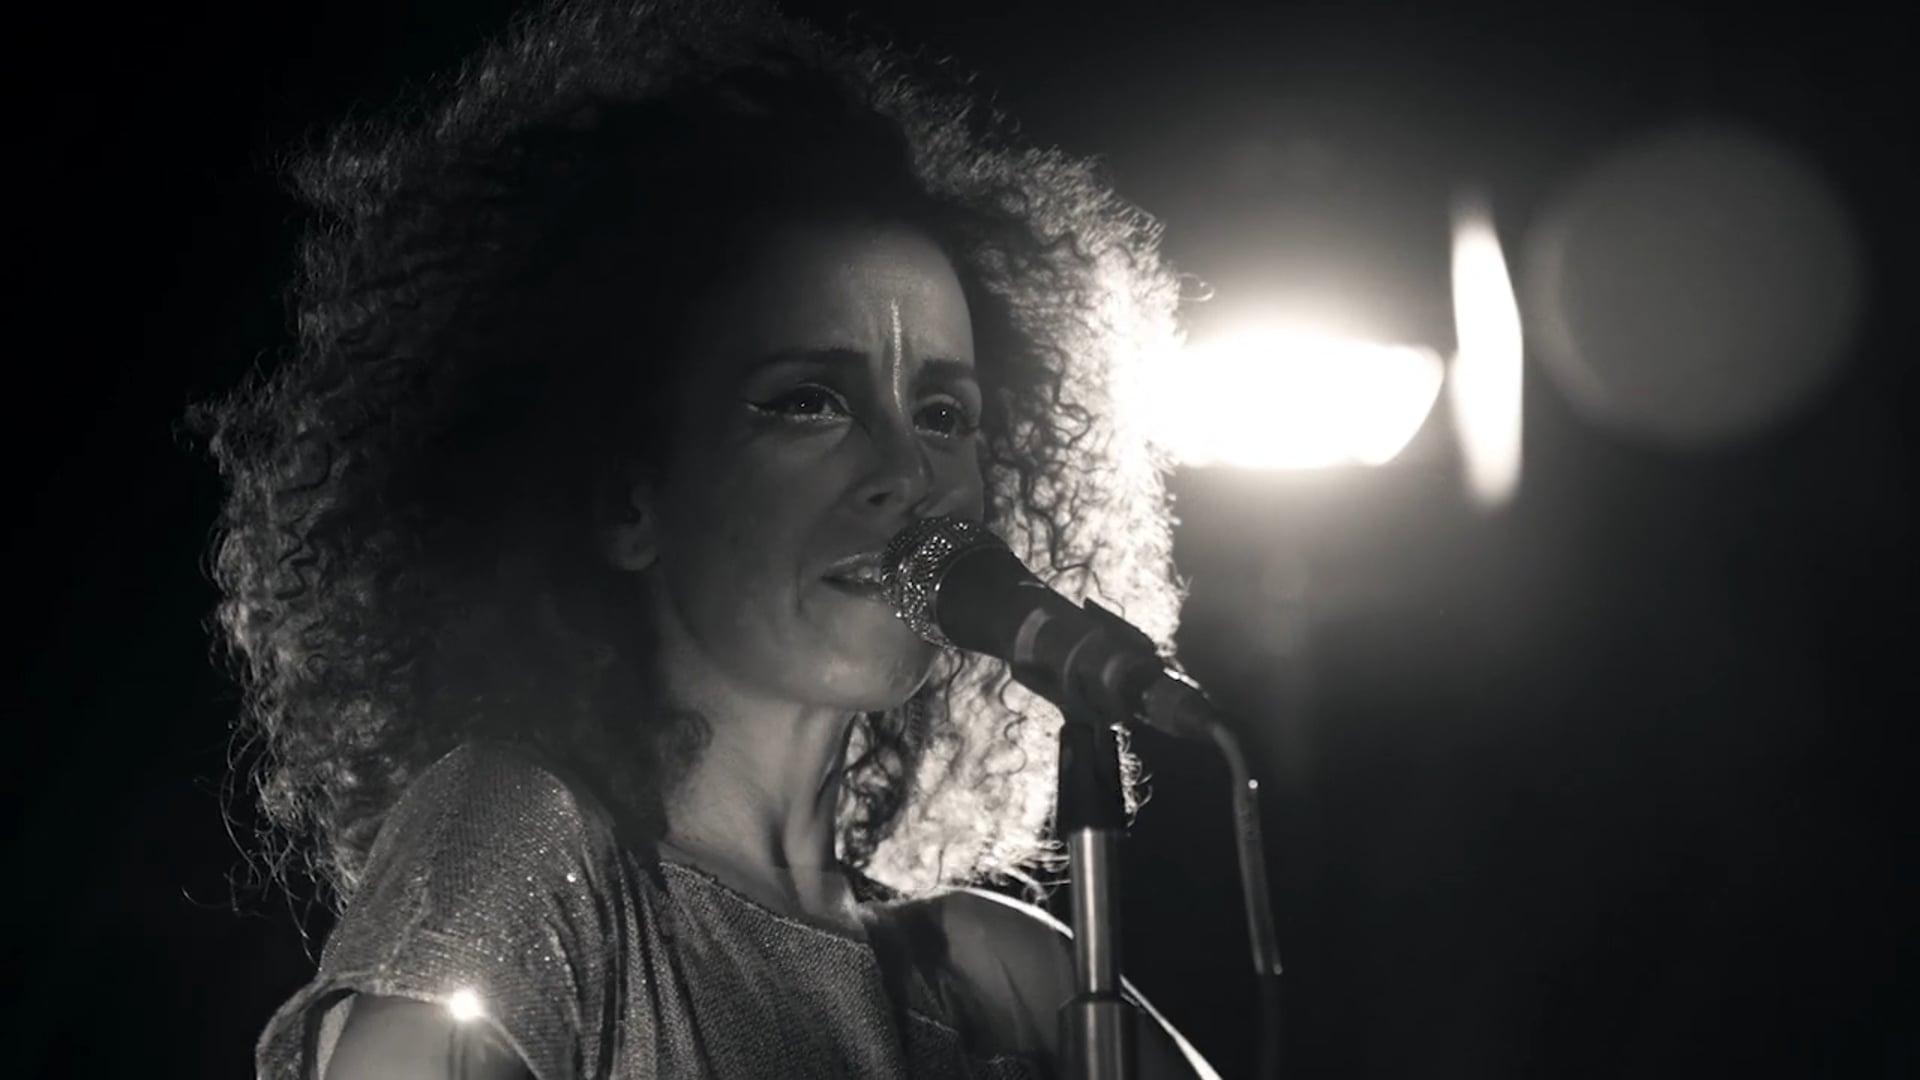 Cantoras do Brasil - Série de TV - Canal Brasil - Temporada 03 - Ep: Iara Rennó